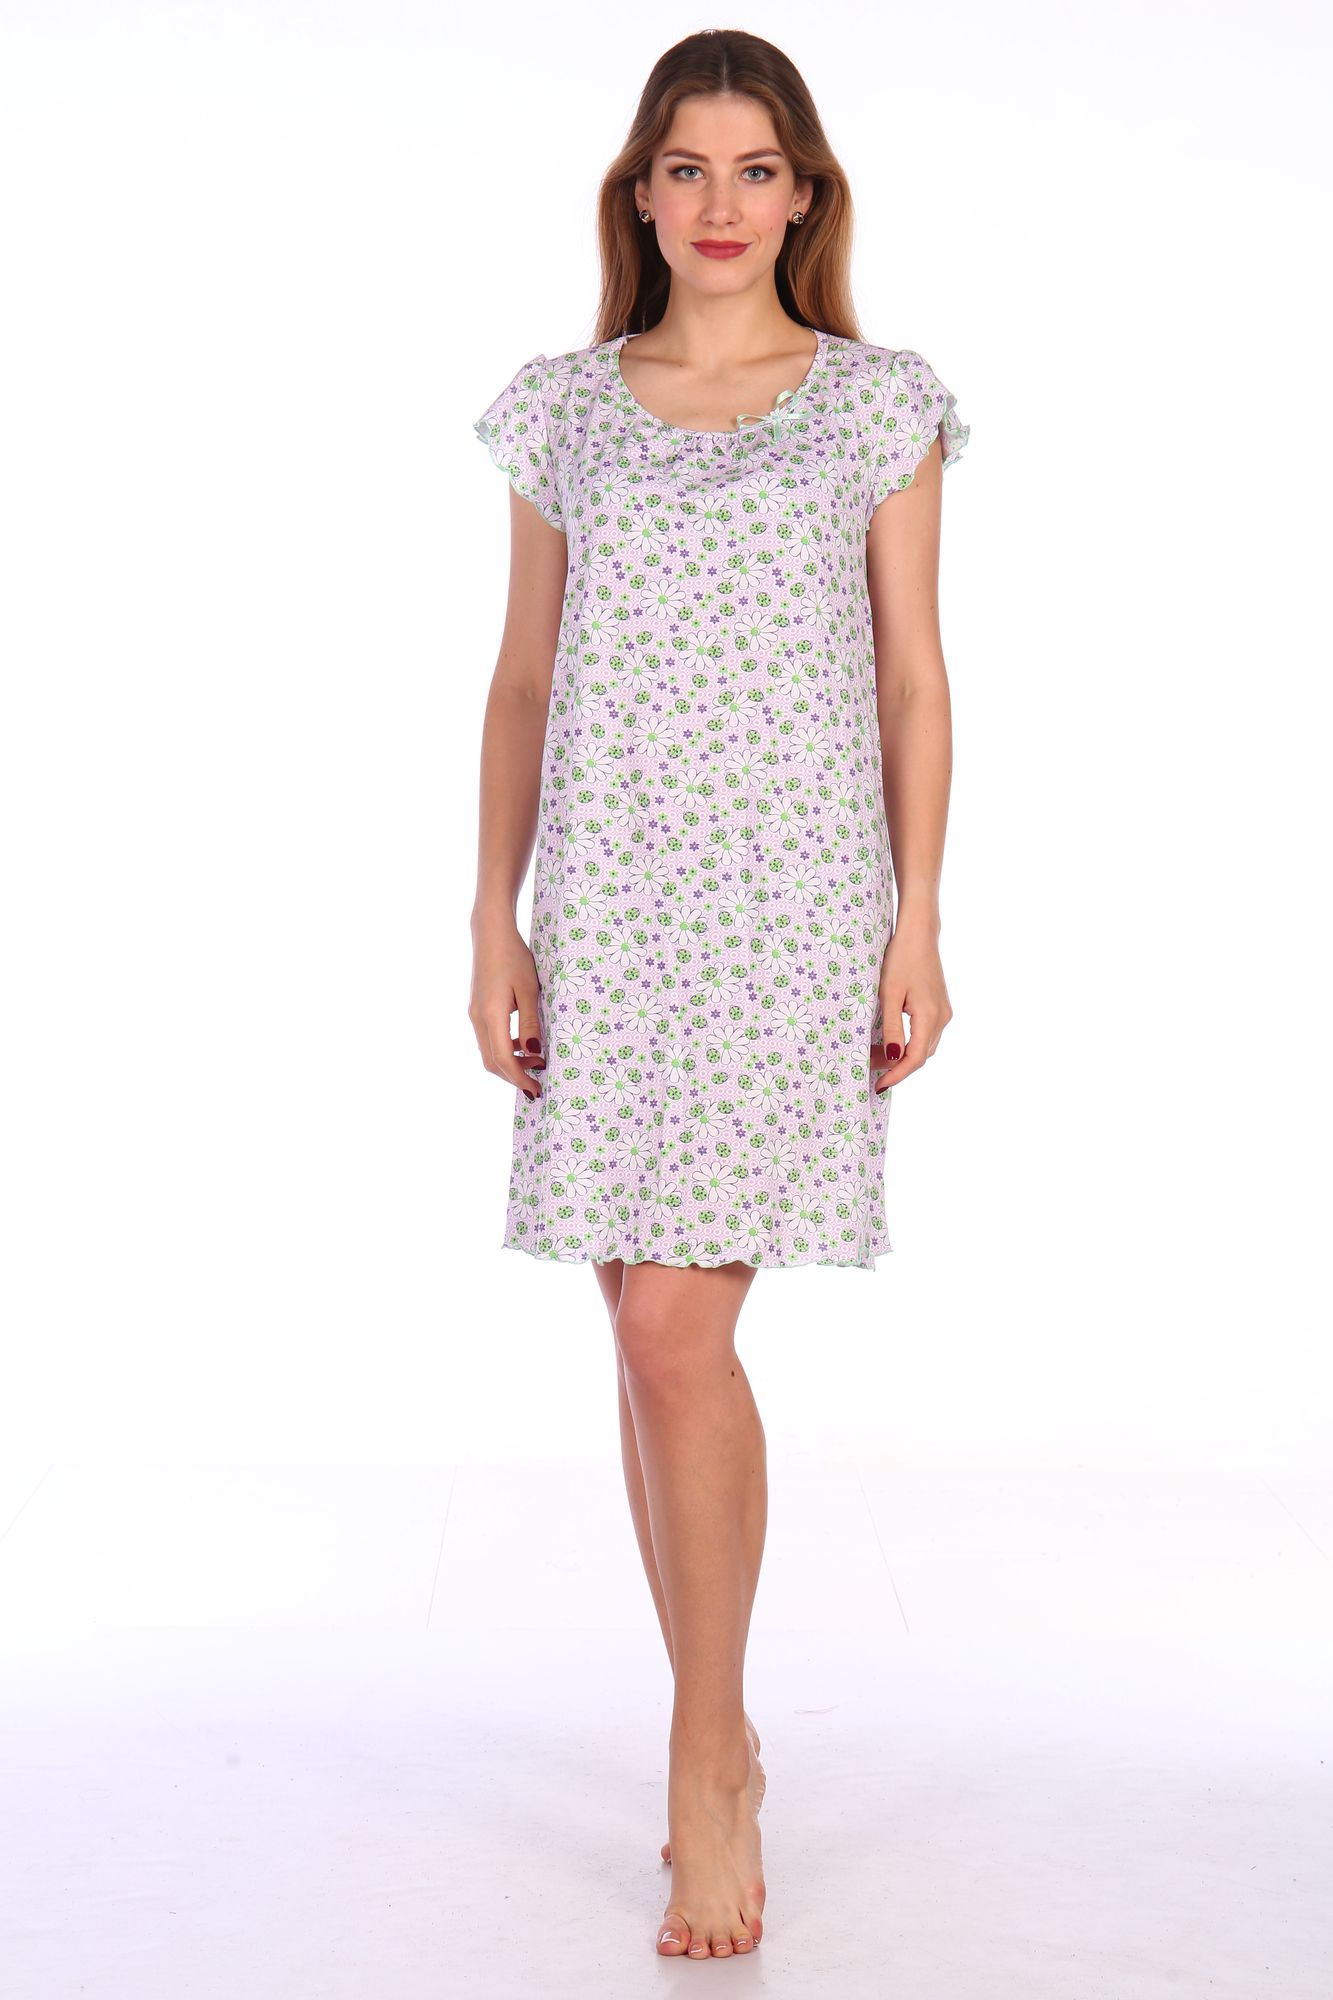 Сорочка ночная женская,мод. 426,трикотаж (Божьи коровки, зеленый )